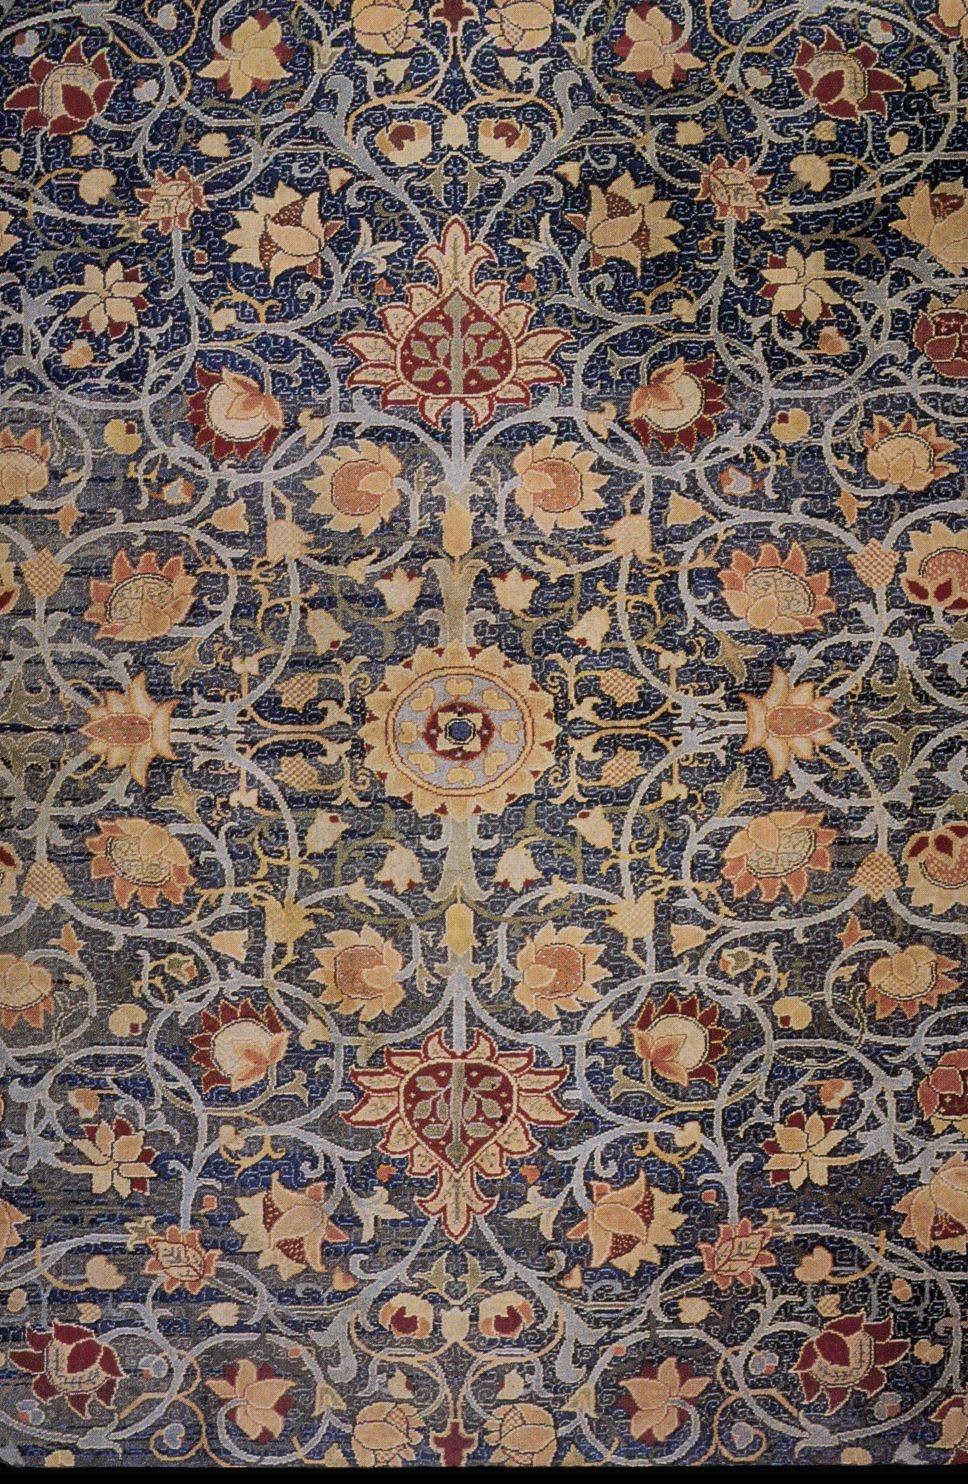 William Morris Wallpaper: William Morris Wallpaper, Wall ...